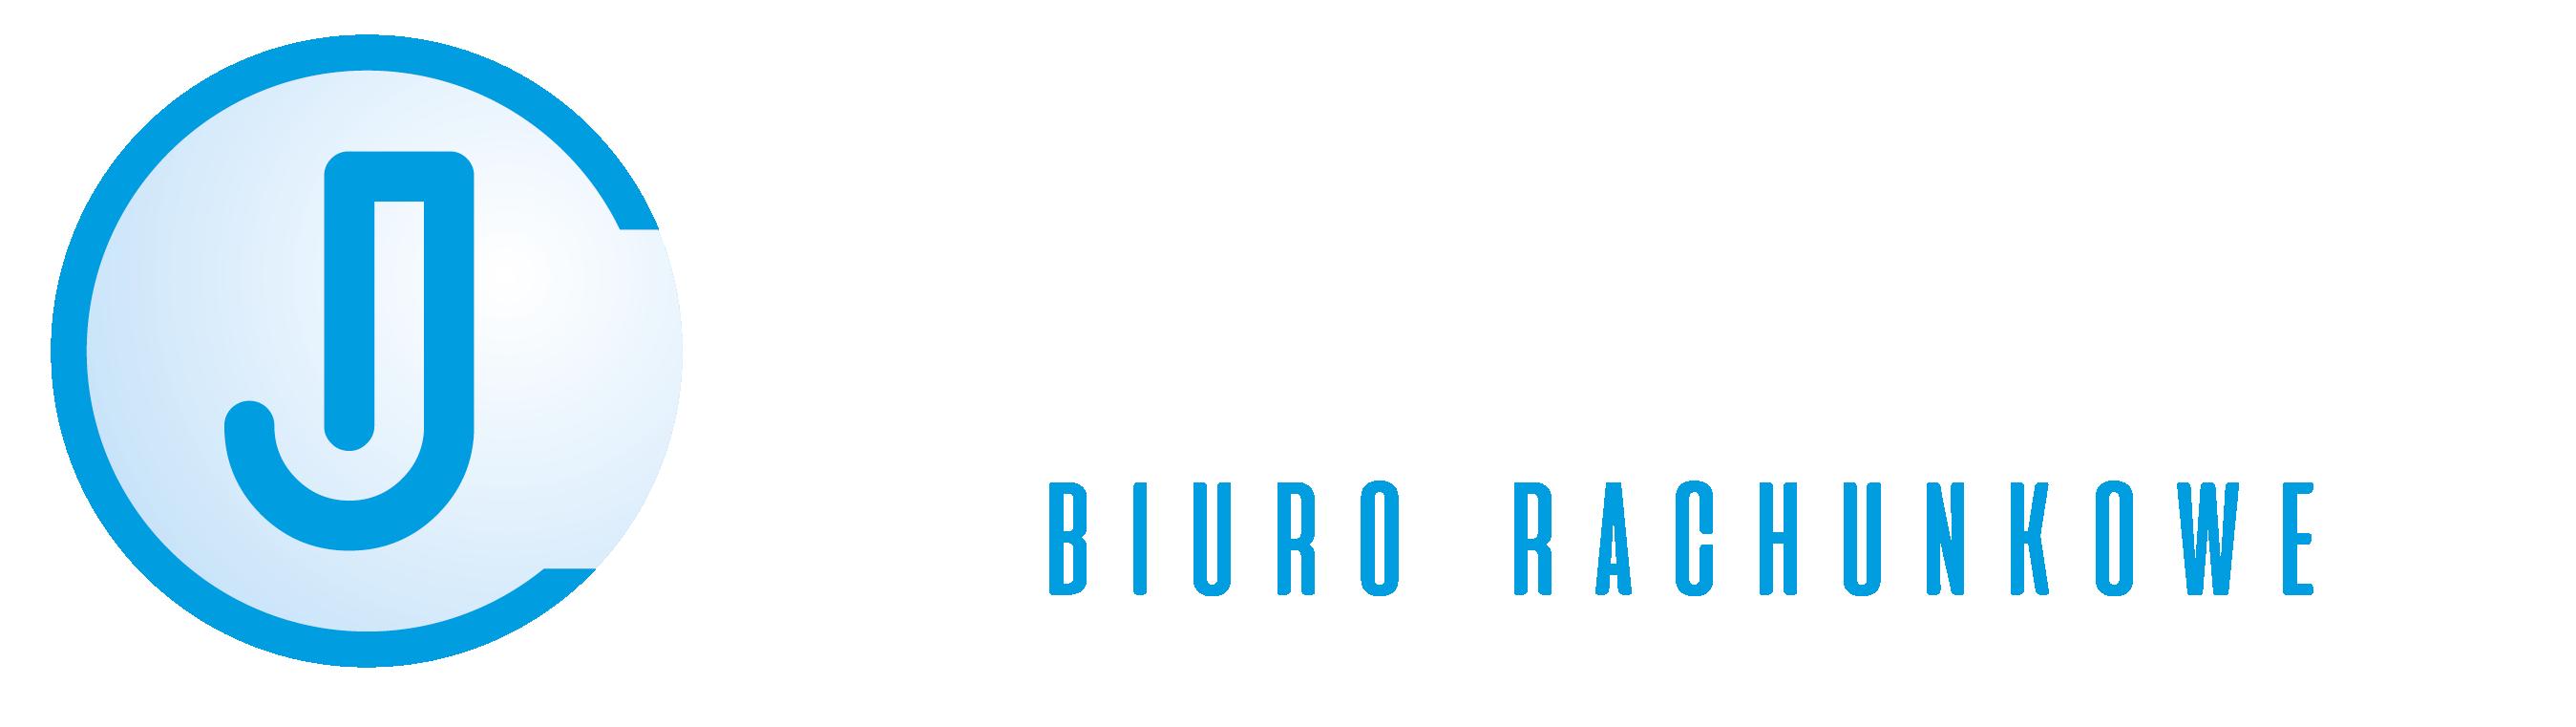 Biuro Rachunkowe Jaremkiewicz - Lubaczów, Jarosław, Rzeszów